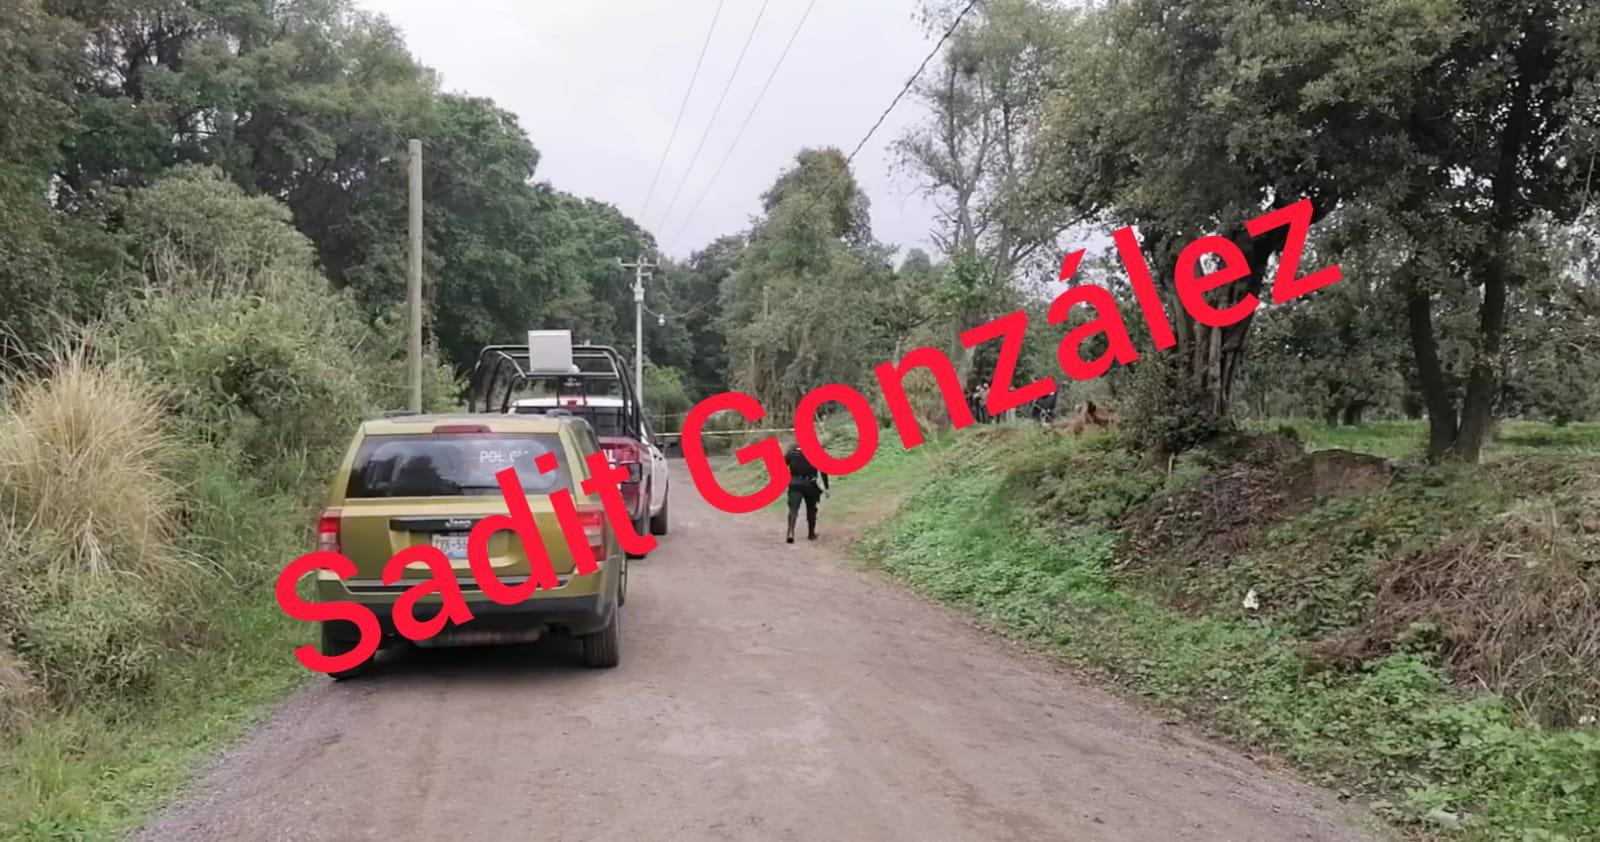 Tiran cadáver envuelto con lona de propaganda política en San Salvador el Verde